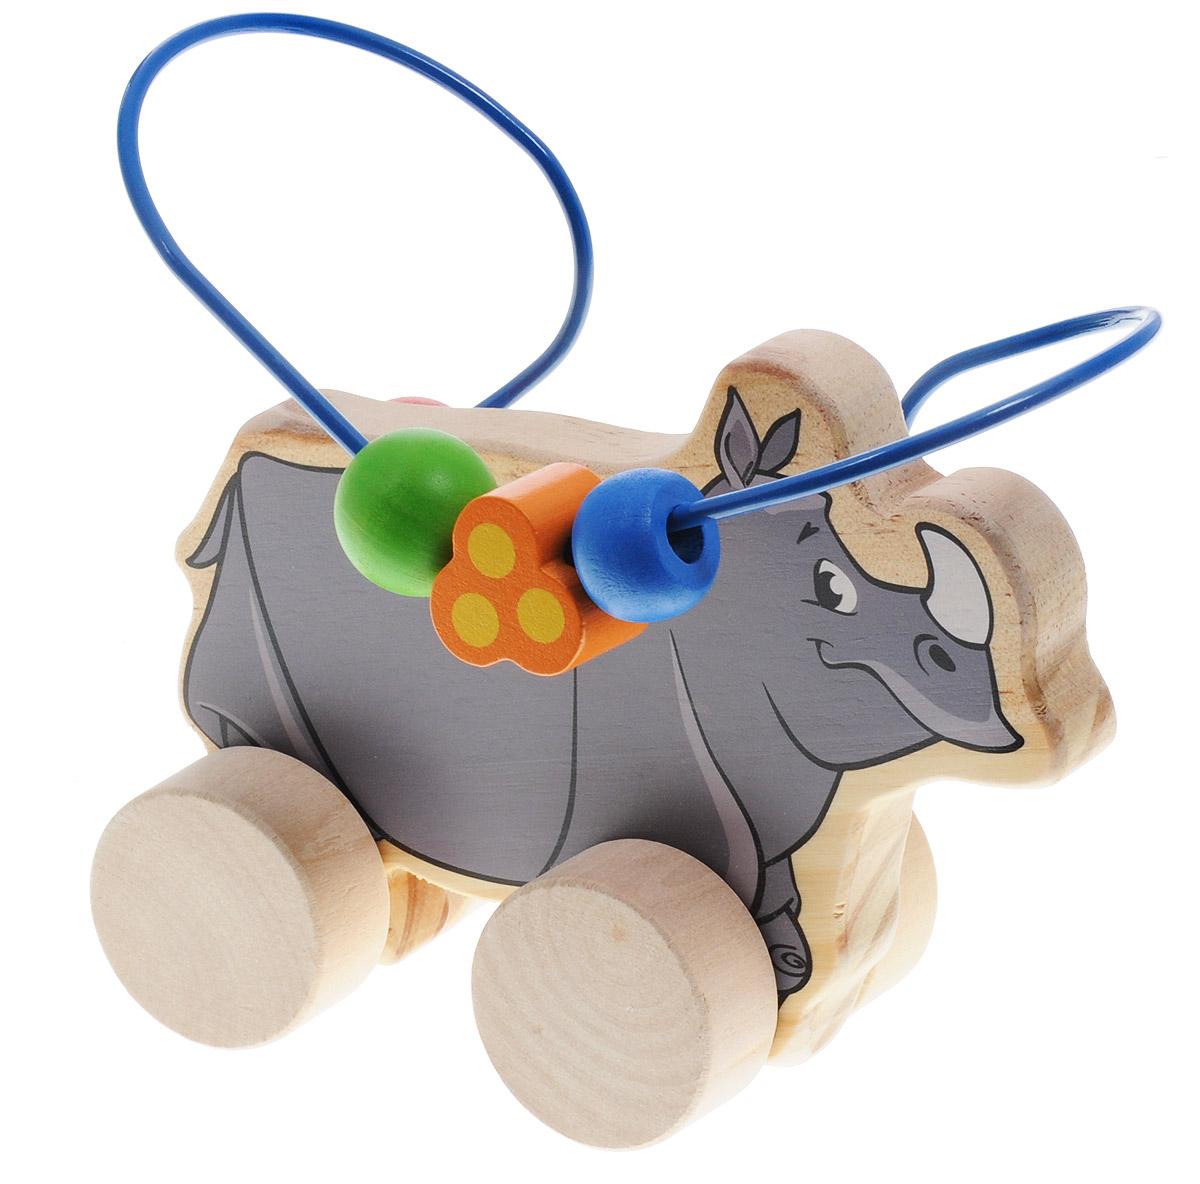 Мир деревянных игрушек Лабиринт-каталка НосорогД365Лабиринт-каталка Мир деревянных игрушек Носорог - это замечательная игрушка для малышей! Игрушка в виде носорога на колесиках выполнена из качественных материалов по европейским стандартам и покрыта специальной краской на водной основе, которая абсолютно безопасна для вашего малыша. Натуральное дерево, из которого изготовлена игрушка, прошло специальную обработку, в результате чего на модели не осталось острых углов или шероховатых поверхностей, которые могут повредить кожу ребенка. Производитель использует только экологически чистую новозеландскую сосну для производства своих игрушек. К игрушке прикреплена изогнутая проволока, по которой свободно могут двигаться фигурки, различные по цвету и форме. Мелкие детали не снимаются. Благодаря большим деревянным колесам малыш сможет использовать игрушку и как каталку. Лабиринт-каталка развивает моторику рук, логическое мышление, а также знакомит малыша с основными цветами и формами.